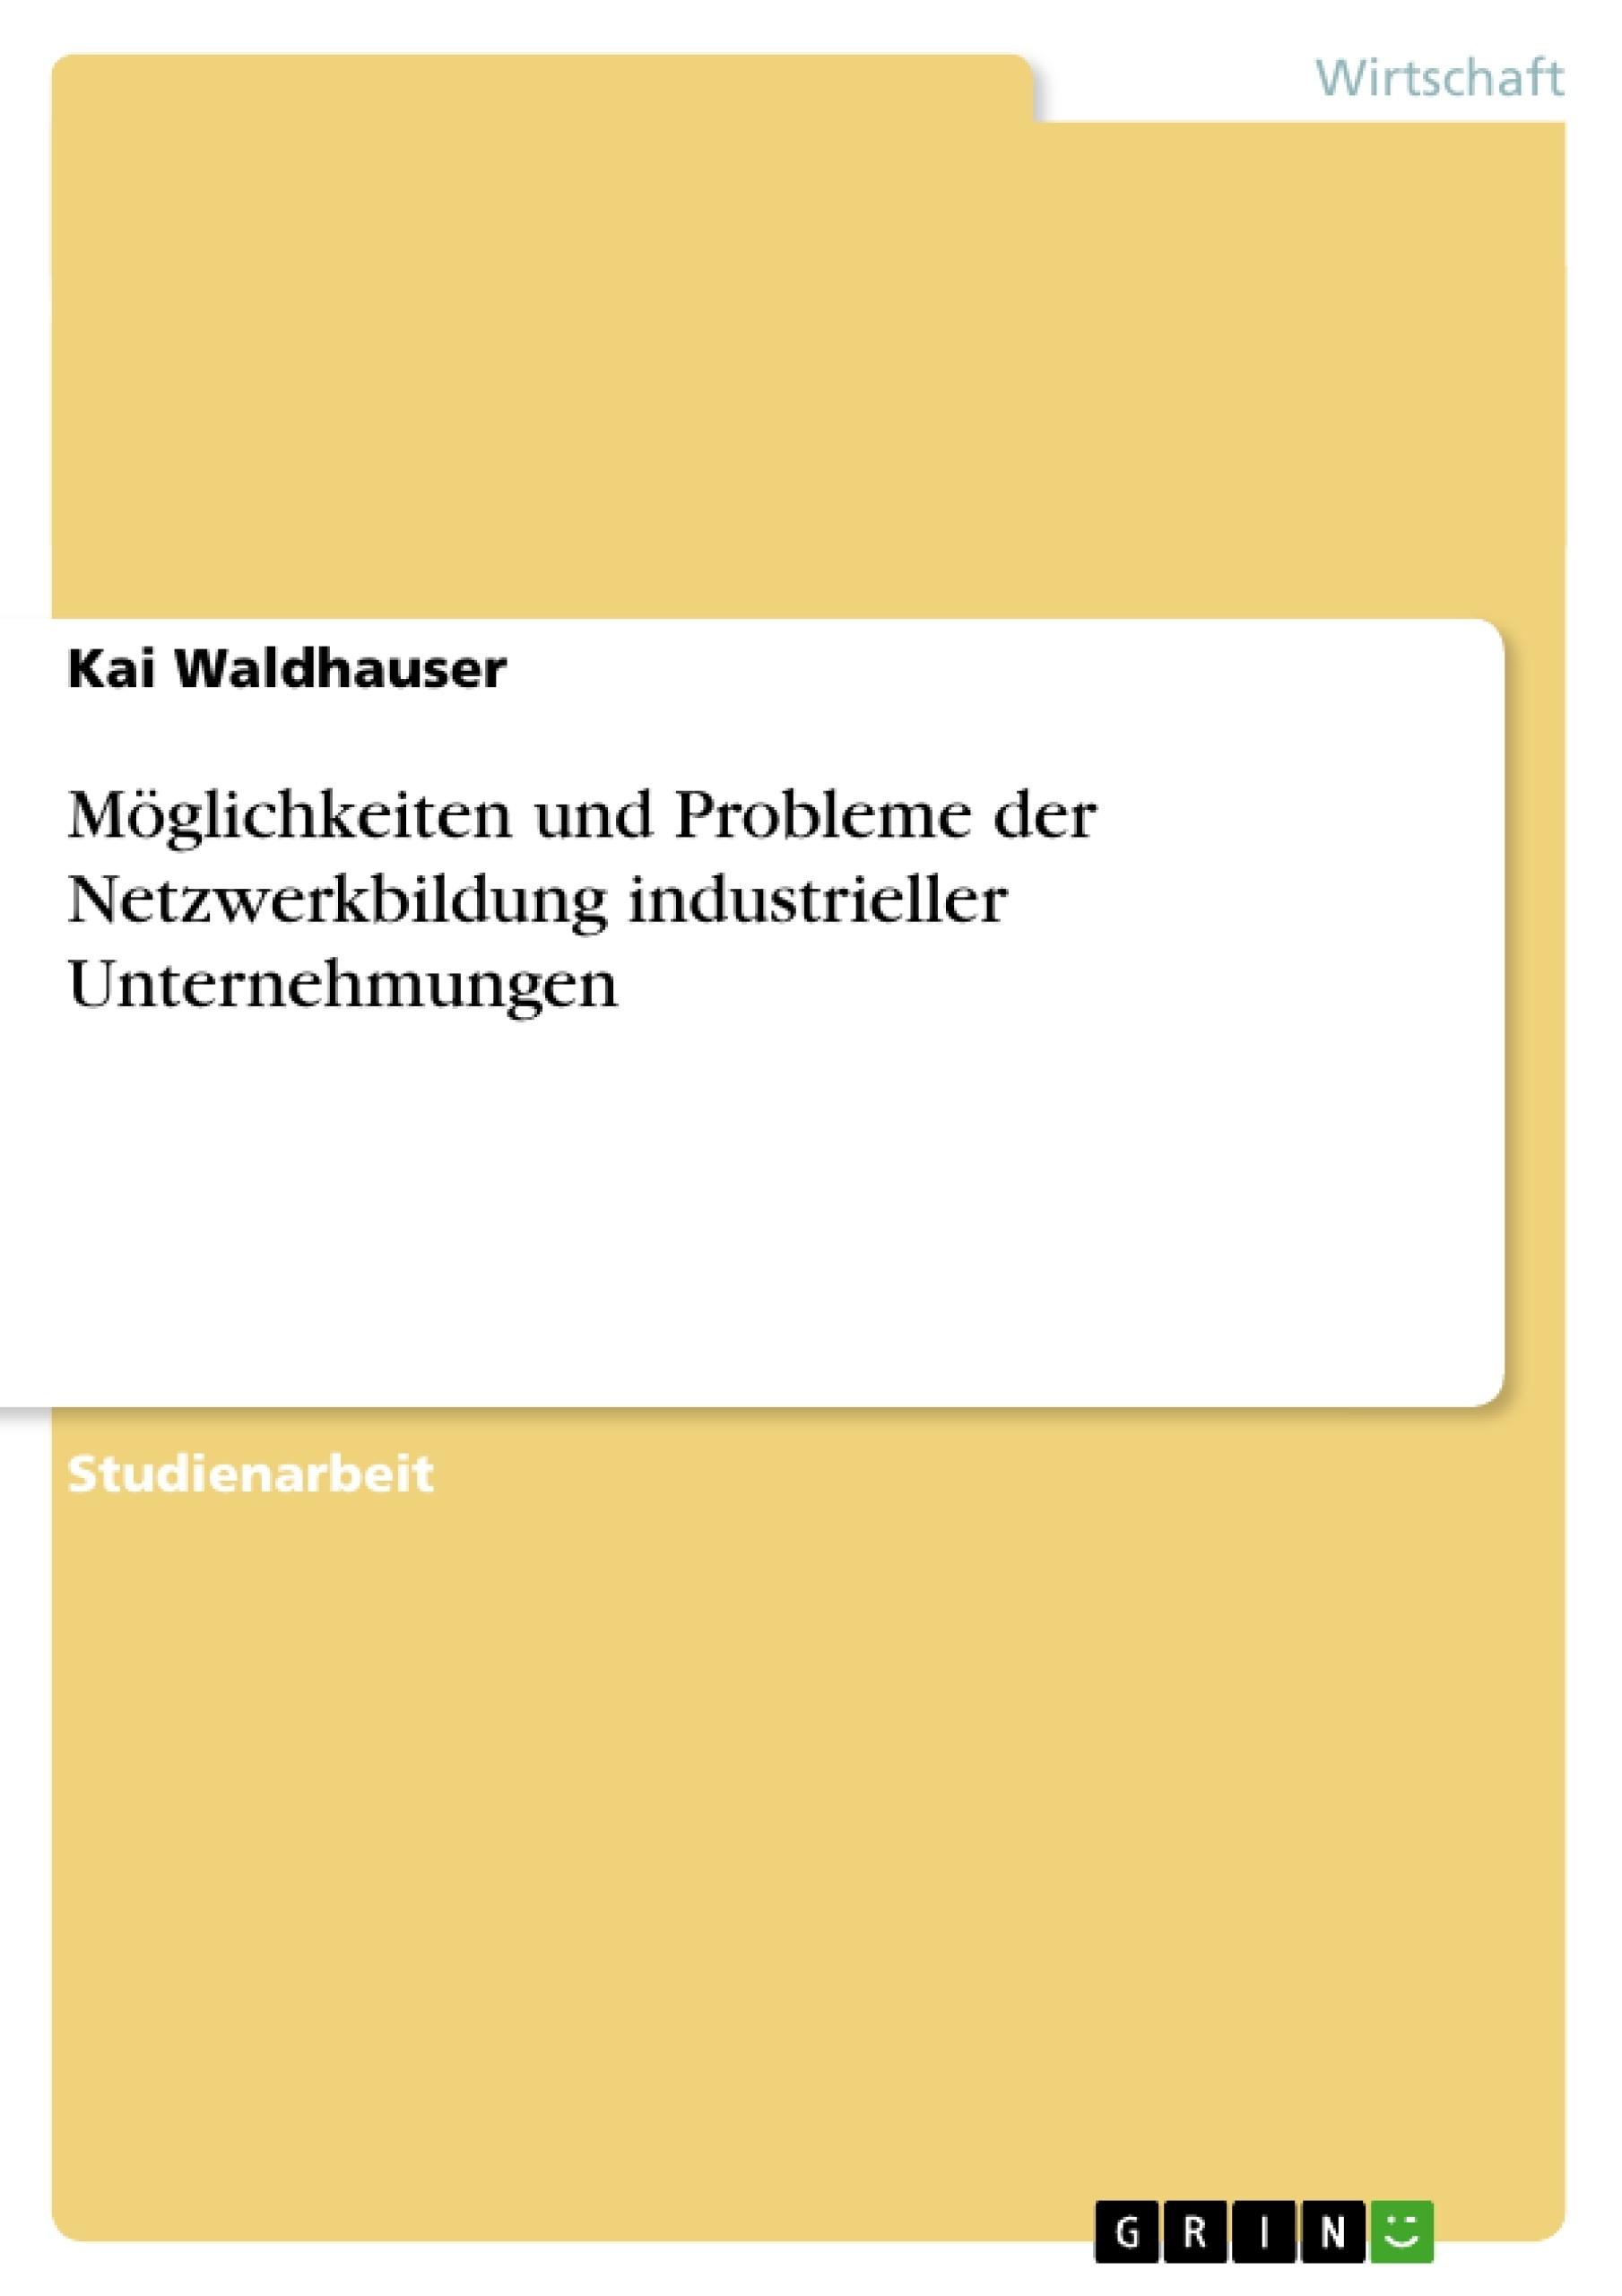 Titel: Möglichkeiten und Probleme der Netzwerkbildung industrieller Unternehmungen